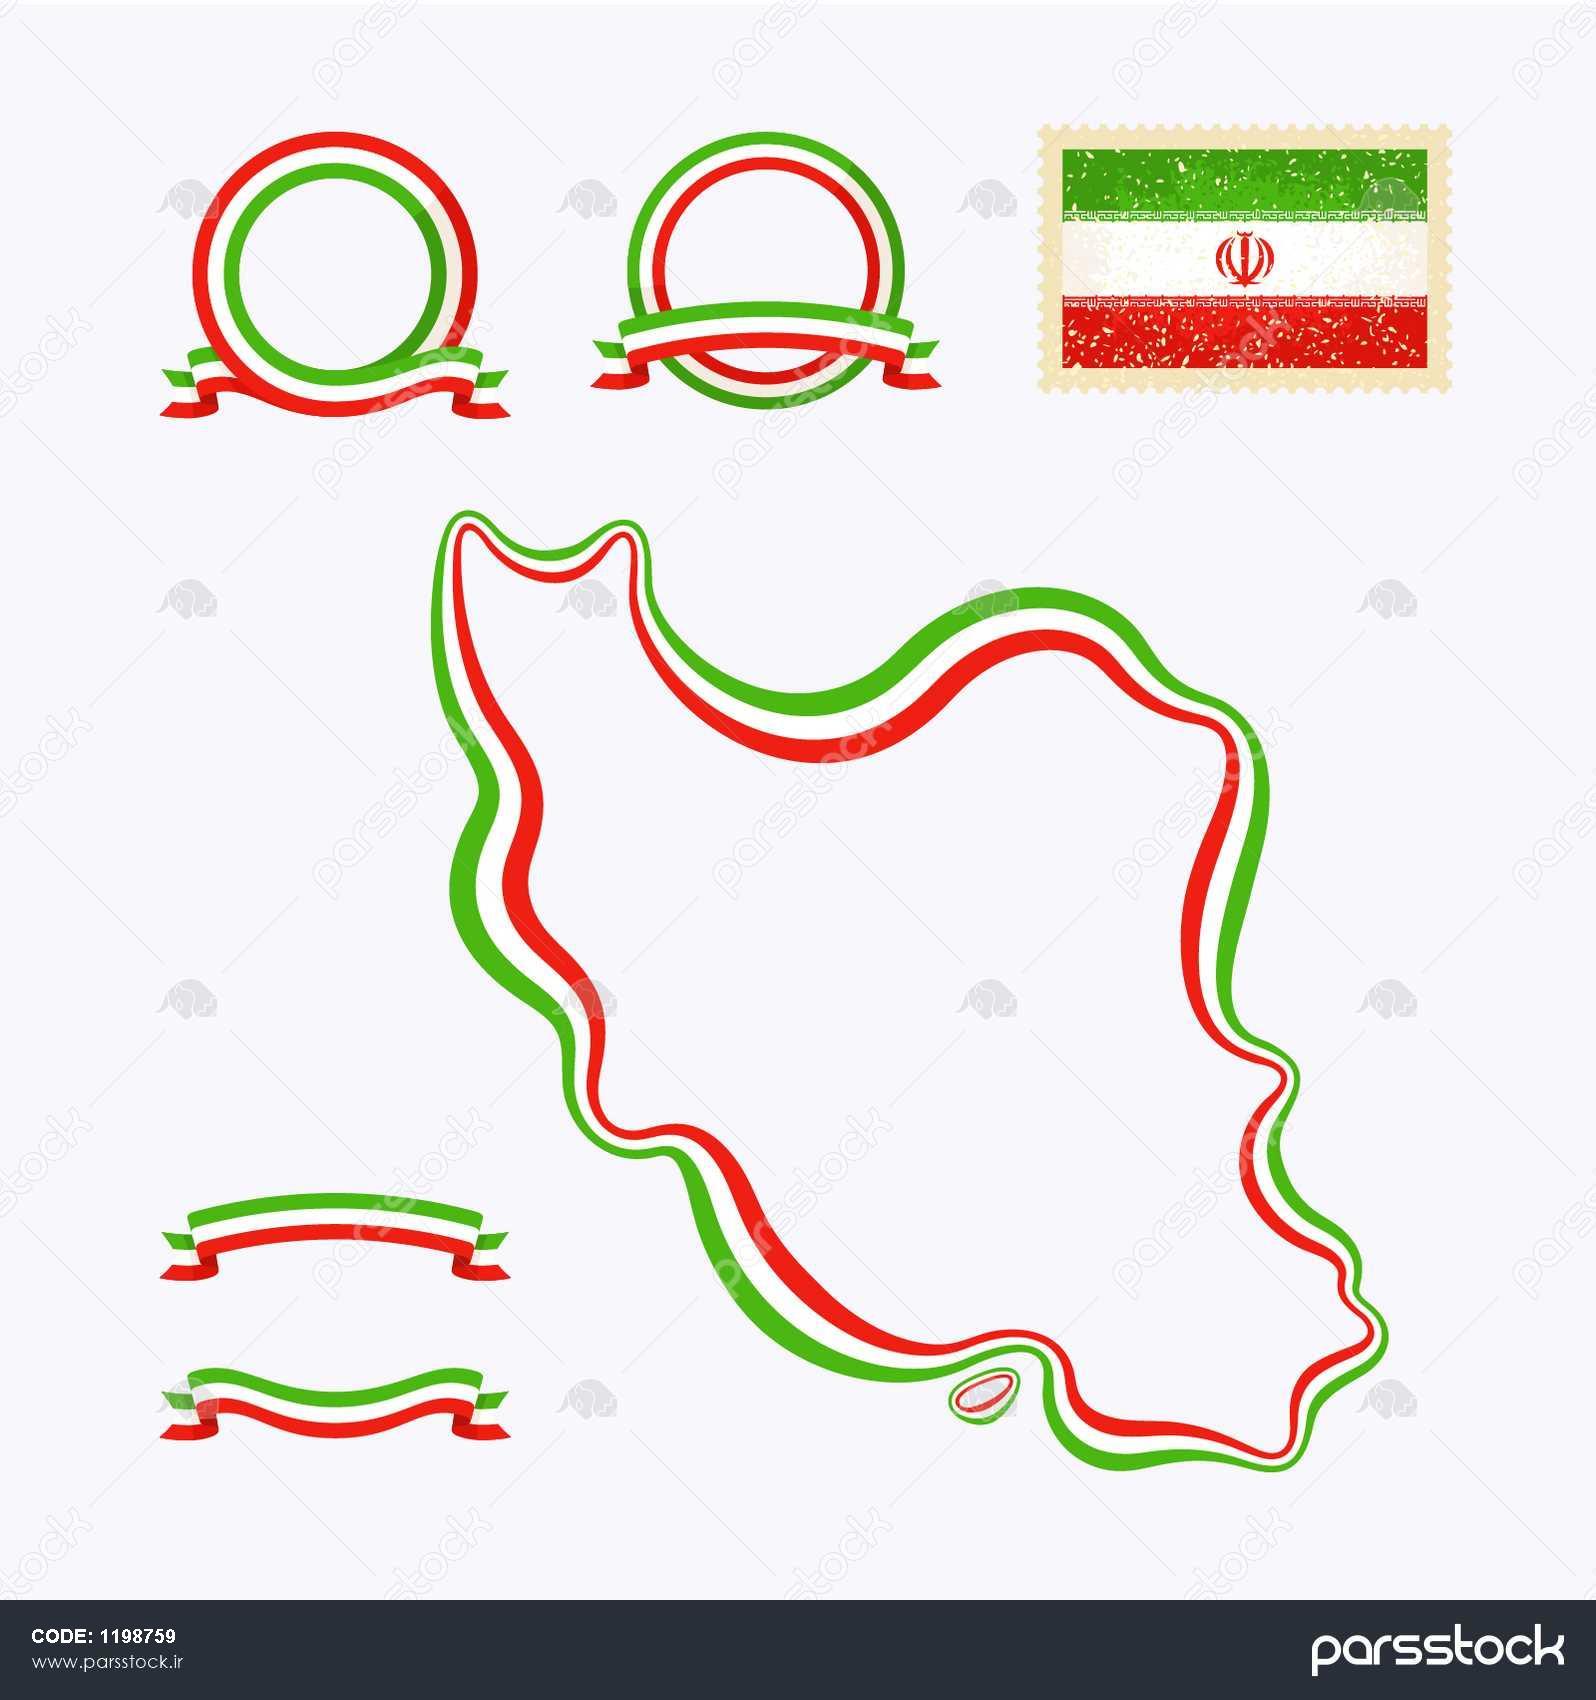 طرح نقشه ایران مرز نوار در رنگ های ملی مشخص شده اند این